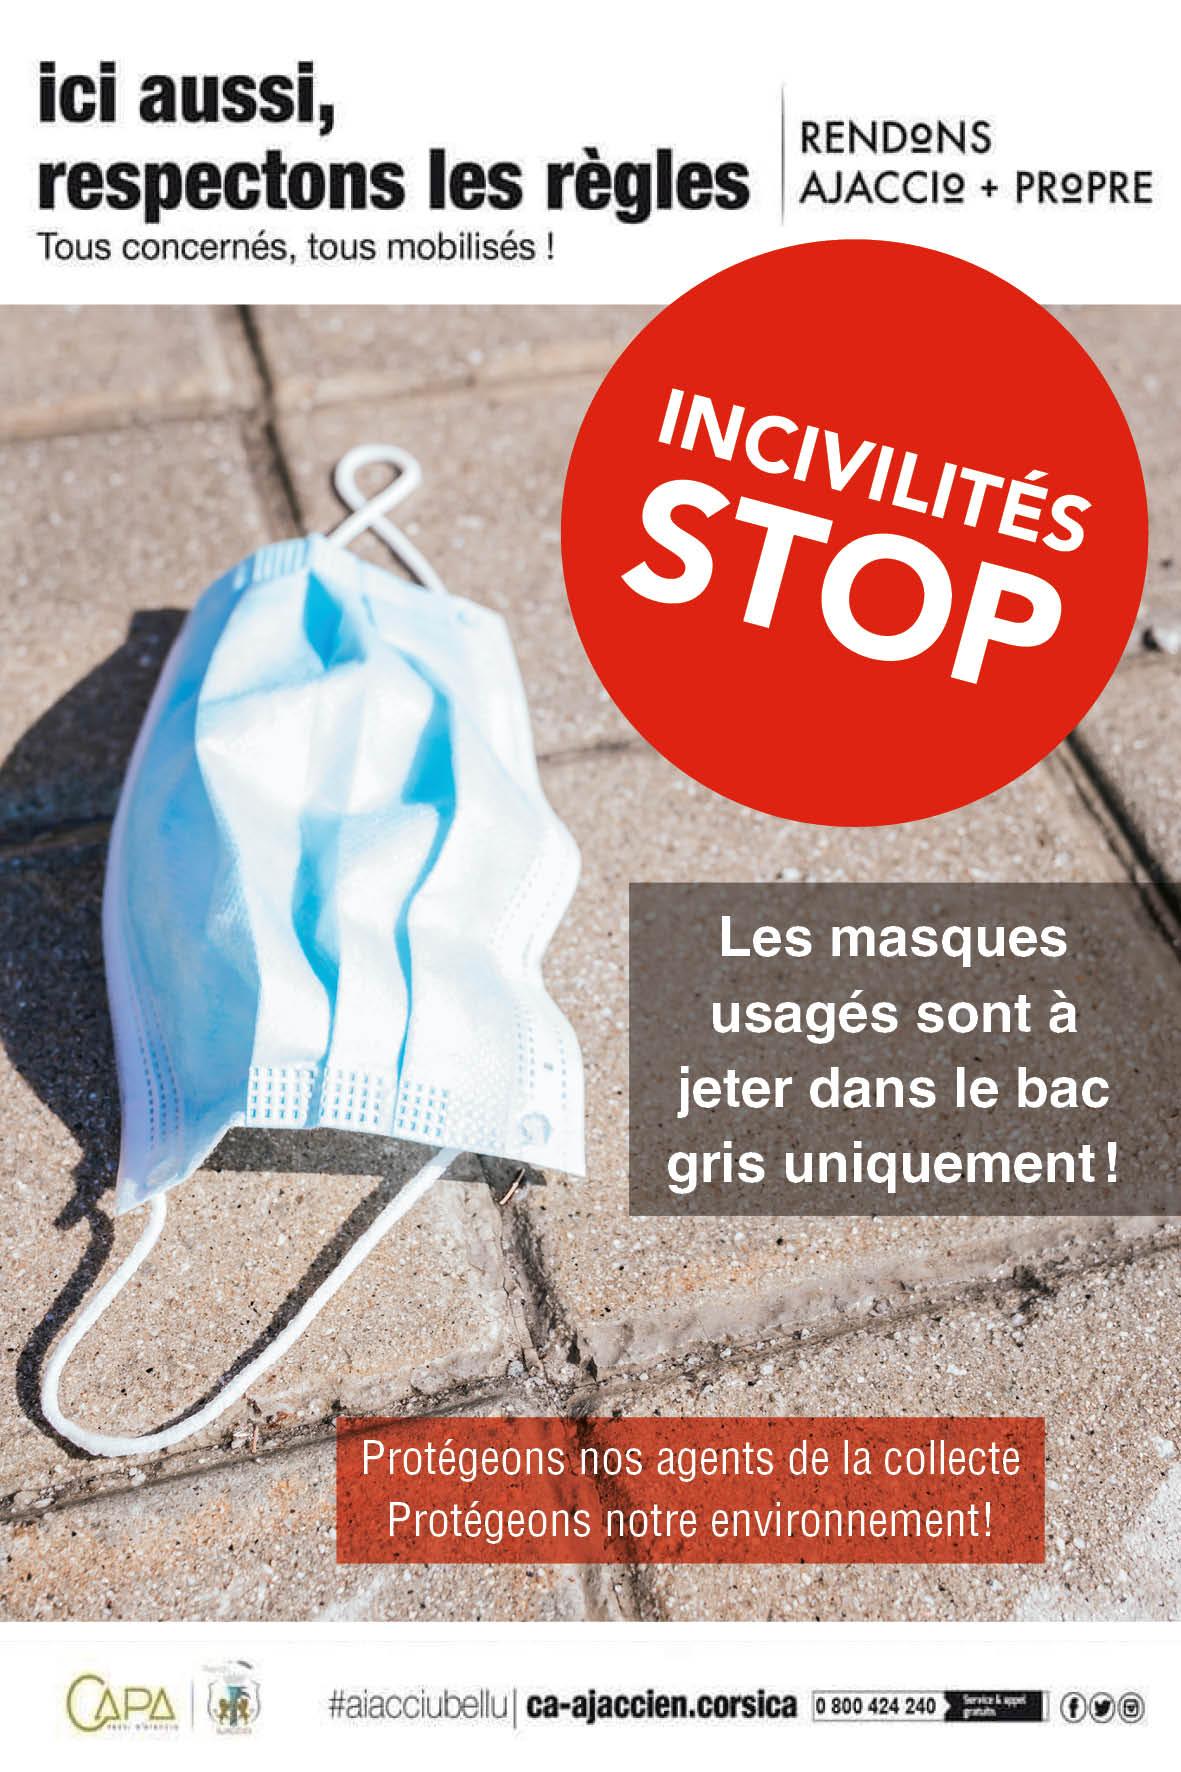 Mémo stop aux incivilités : jetez votre masque dans une poubelle grise